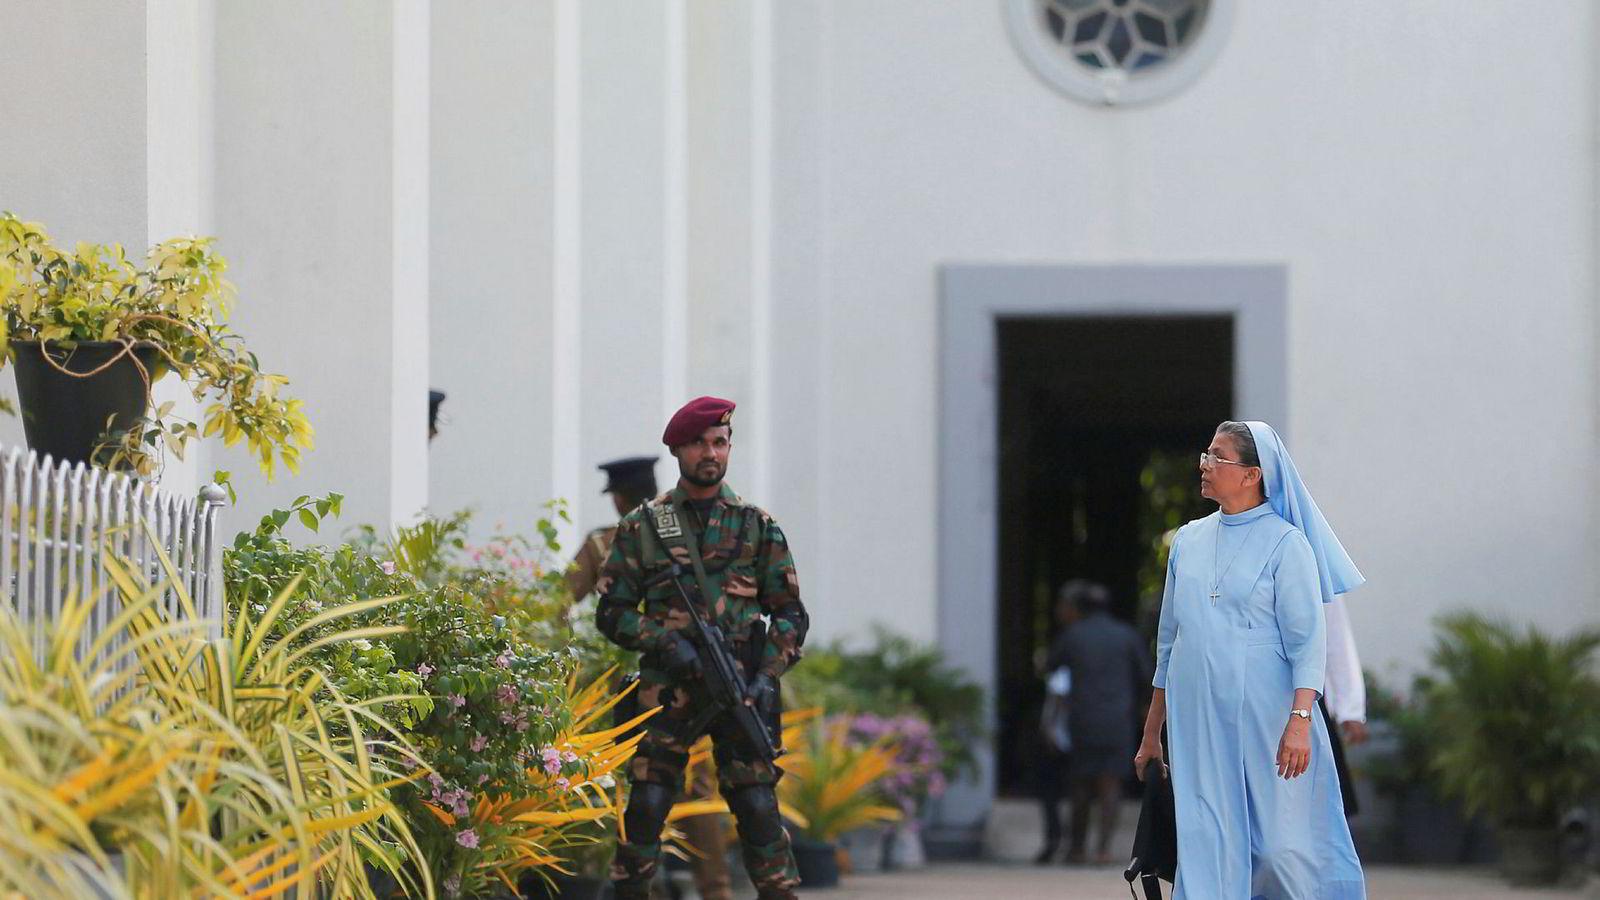 Over 250 mennesker mistet livet i terrorangrepet i Sri Lanka 1. påskedag.